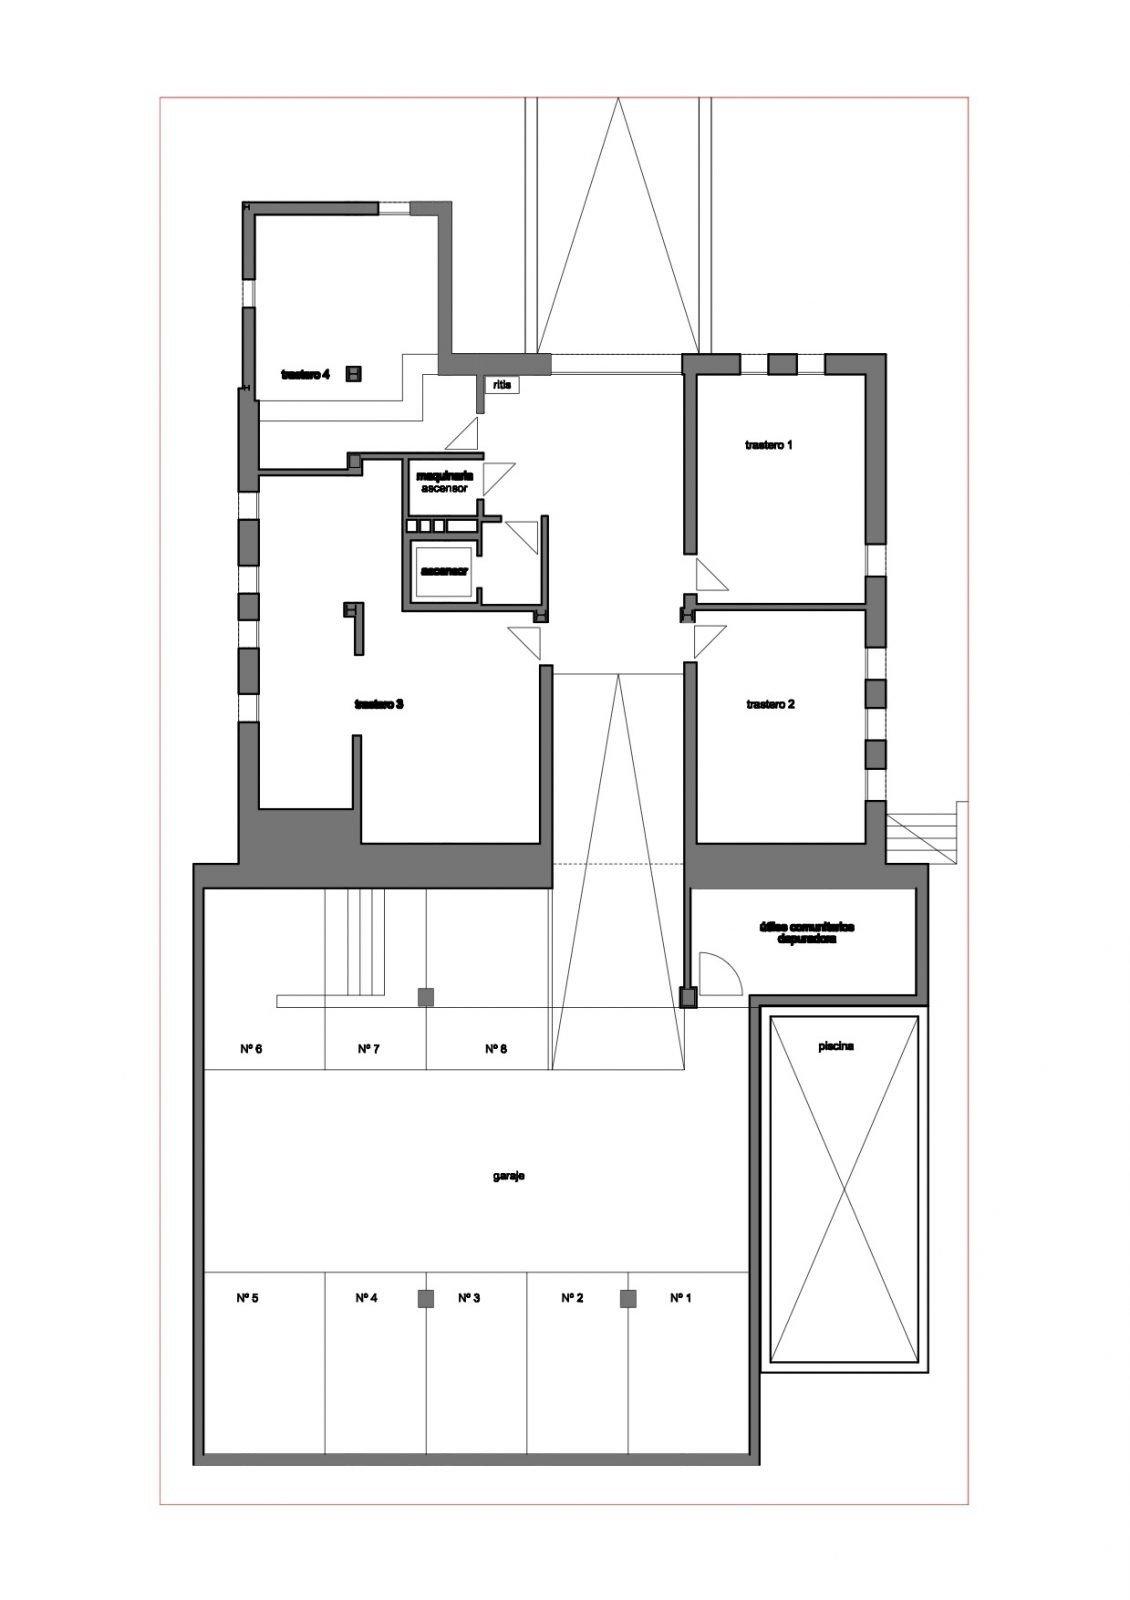 Plano garaje (nº 6 y 7) y trastero (nº 2)